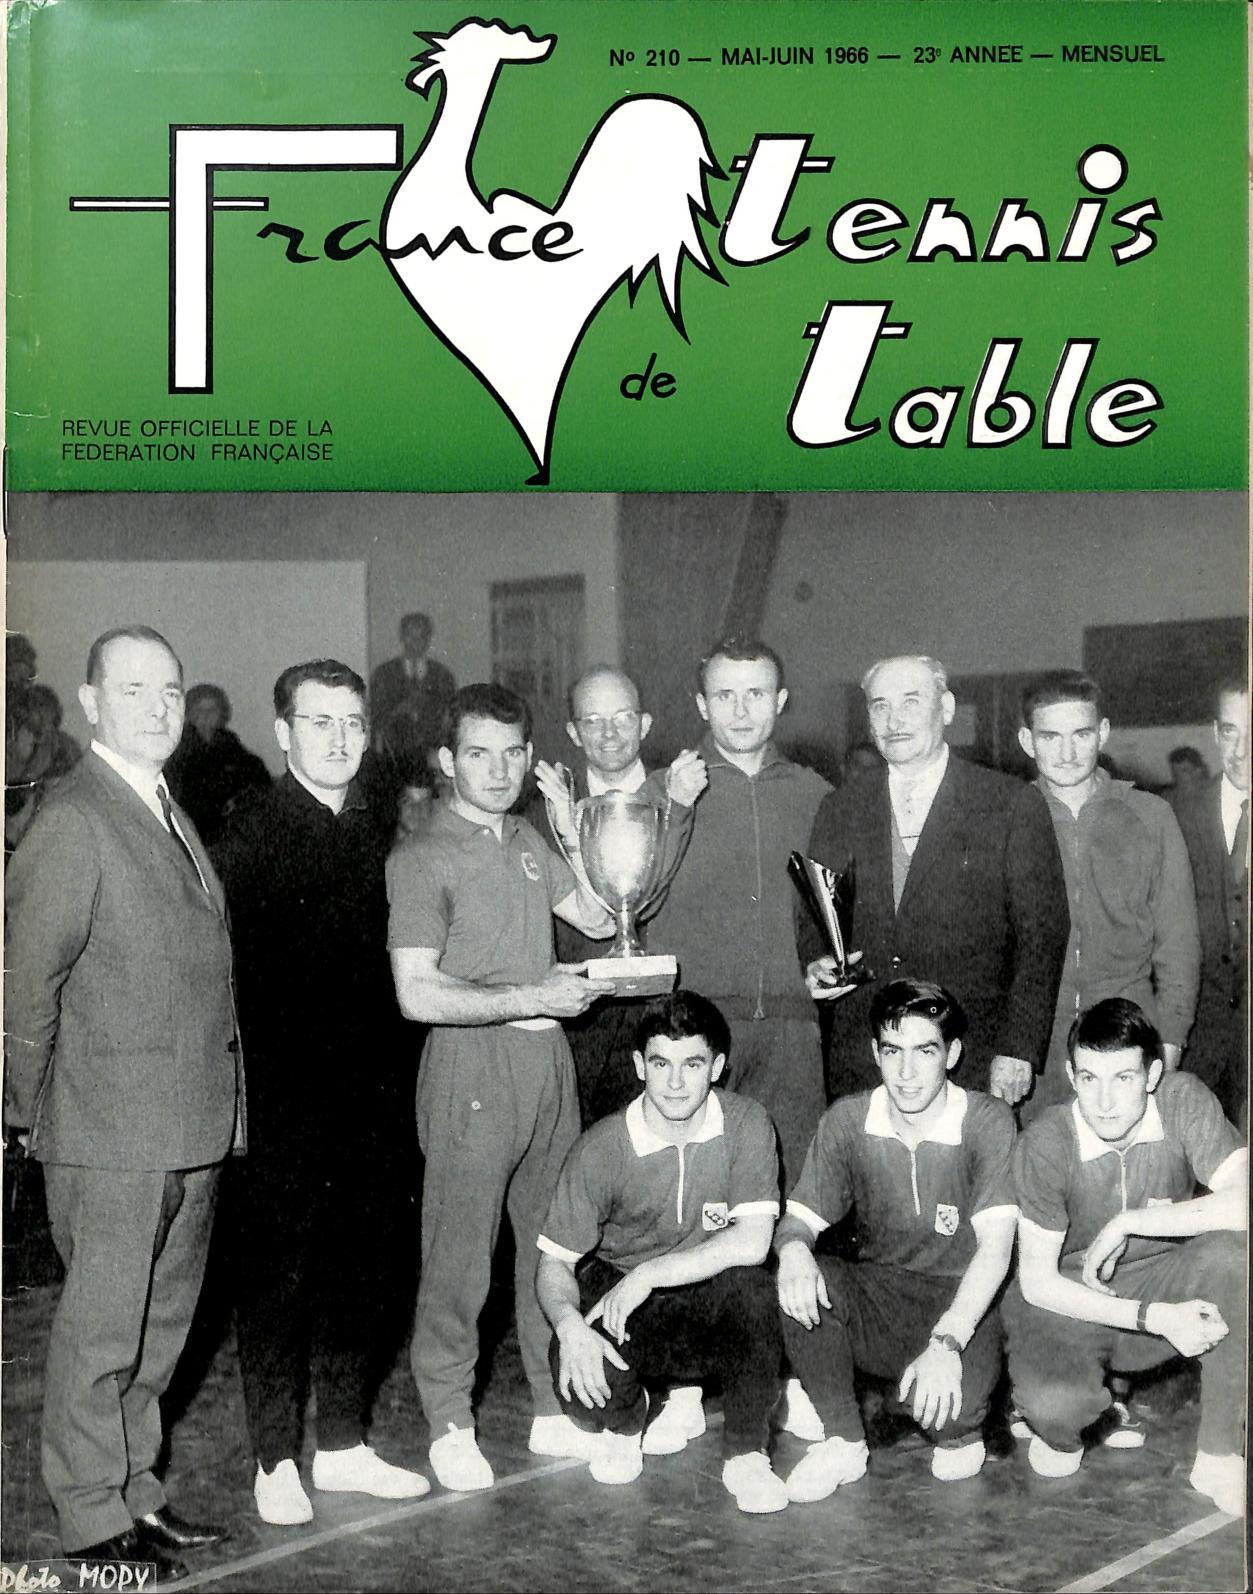 Calam o 1966 05 06 210 france tennis de table - Federation francaise tennis de table ...